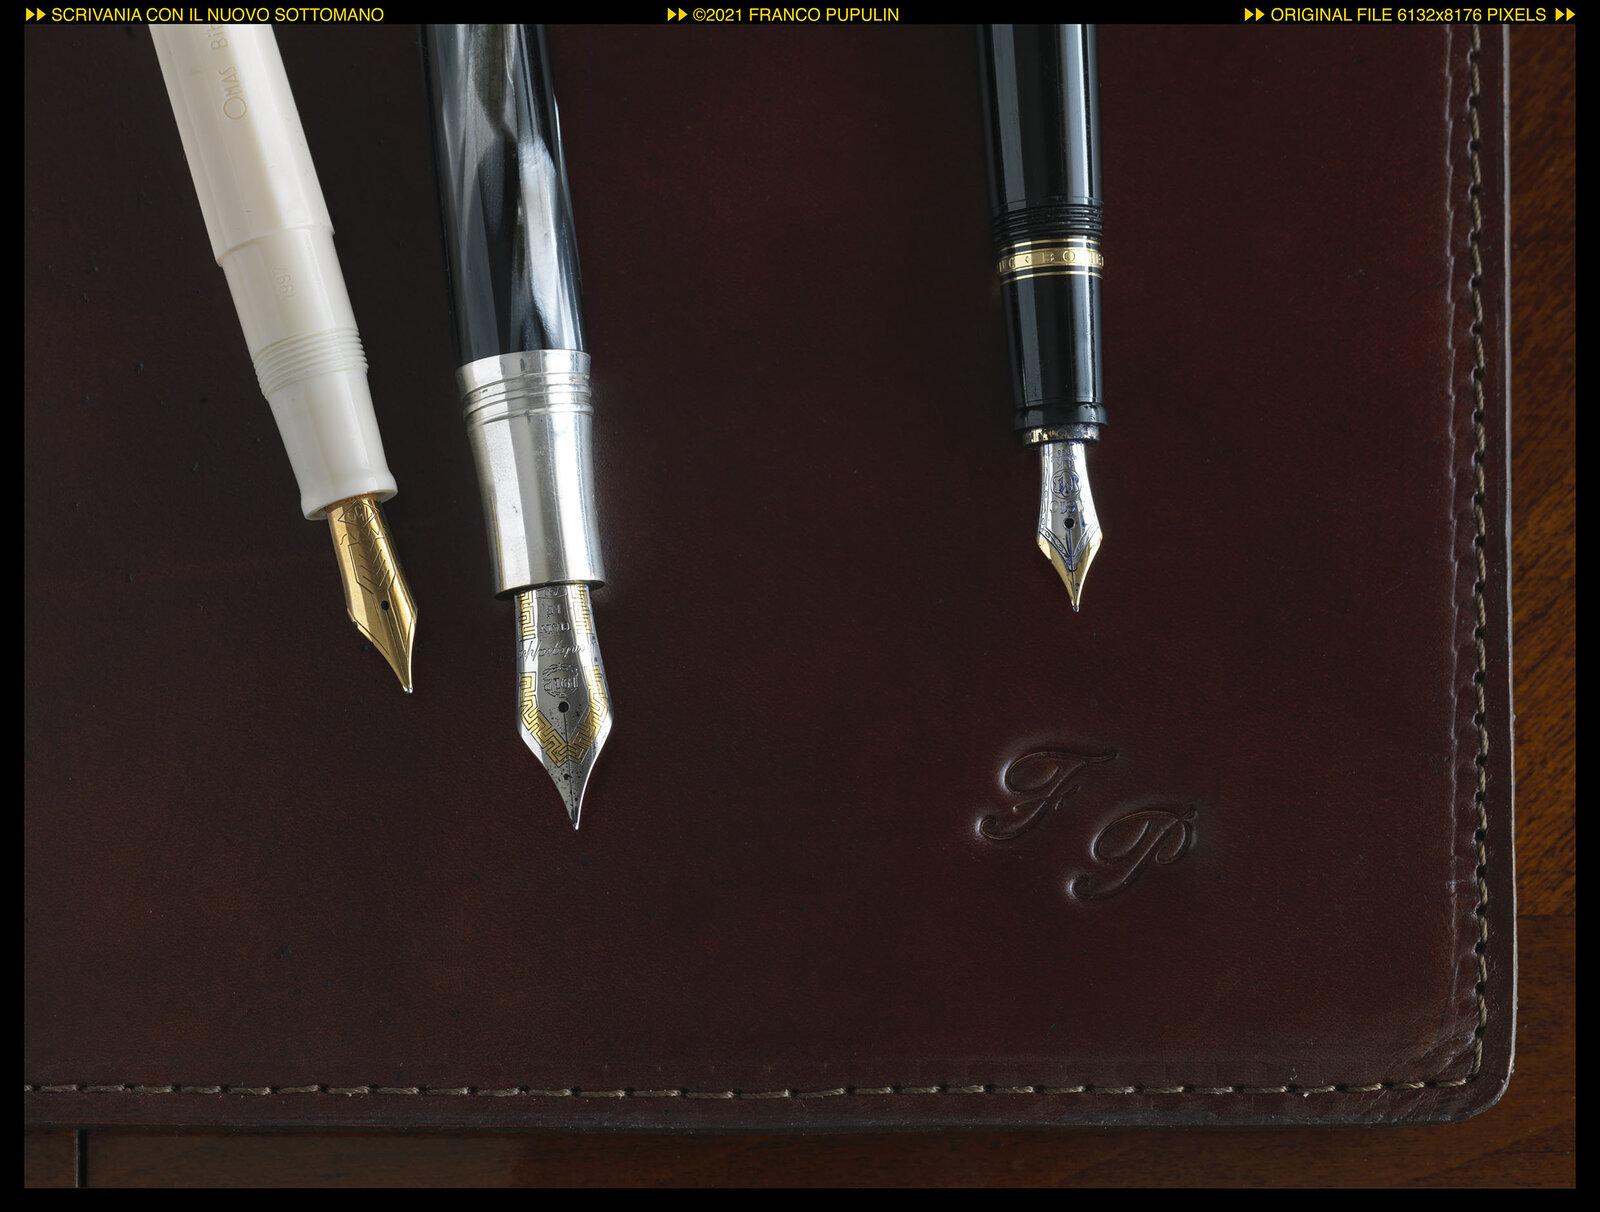 Scrivania con il nuovo sottomano (6) ©FP.jpg